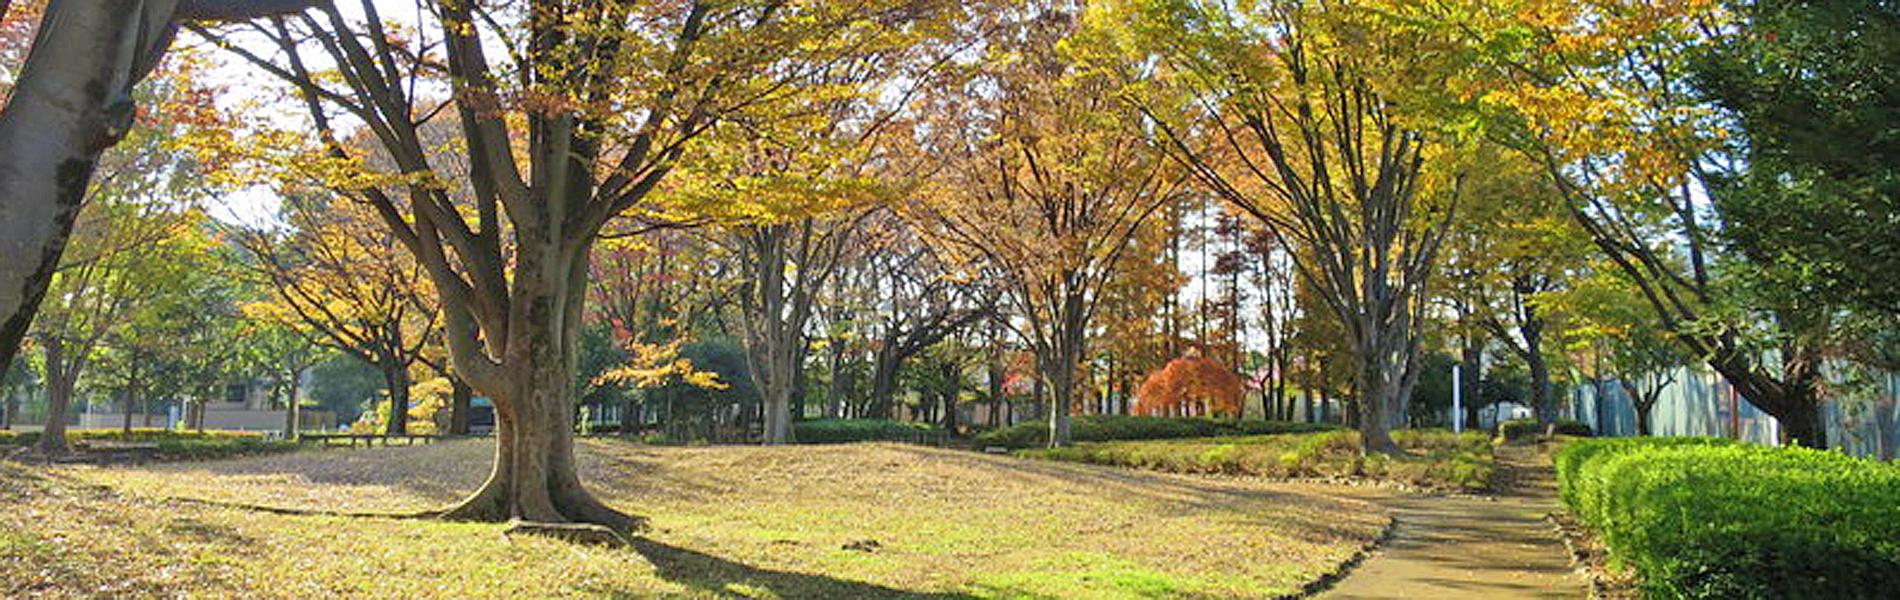 芝生の広場